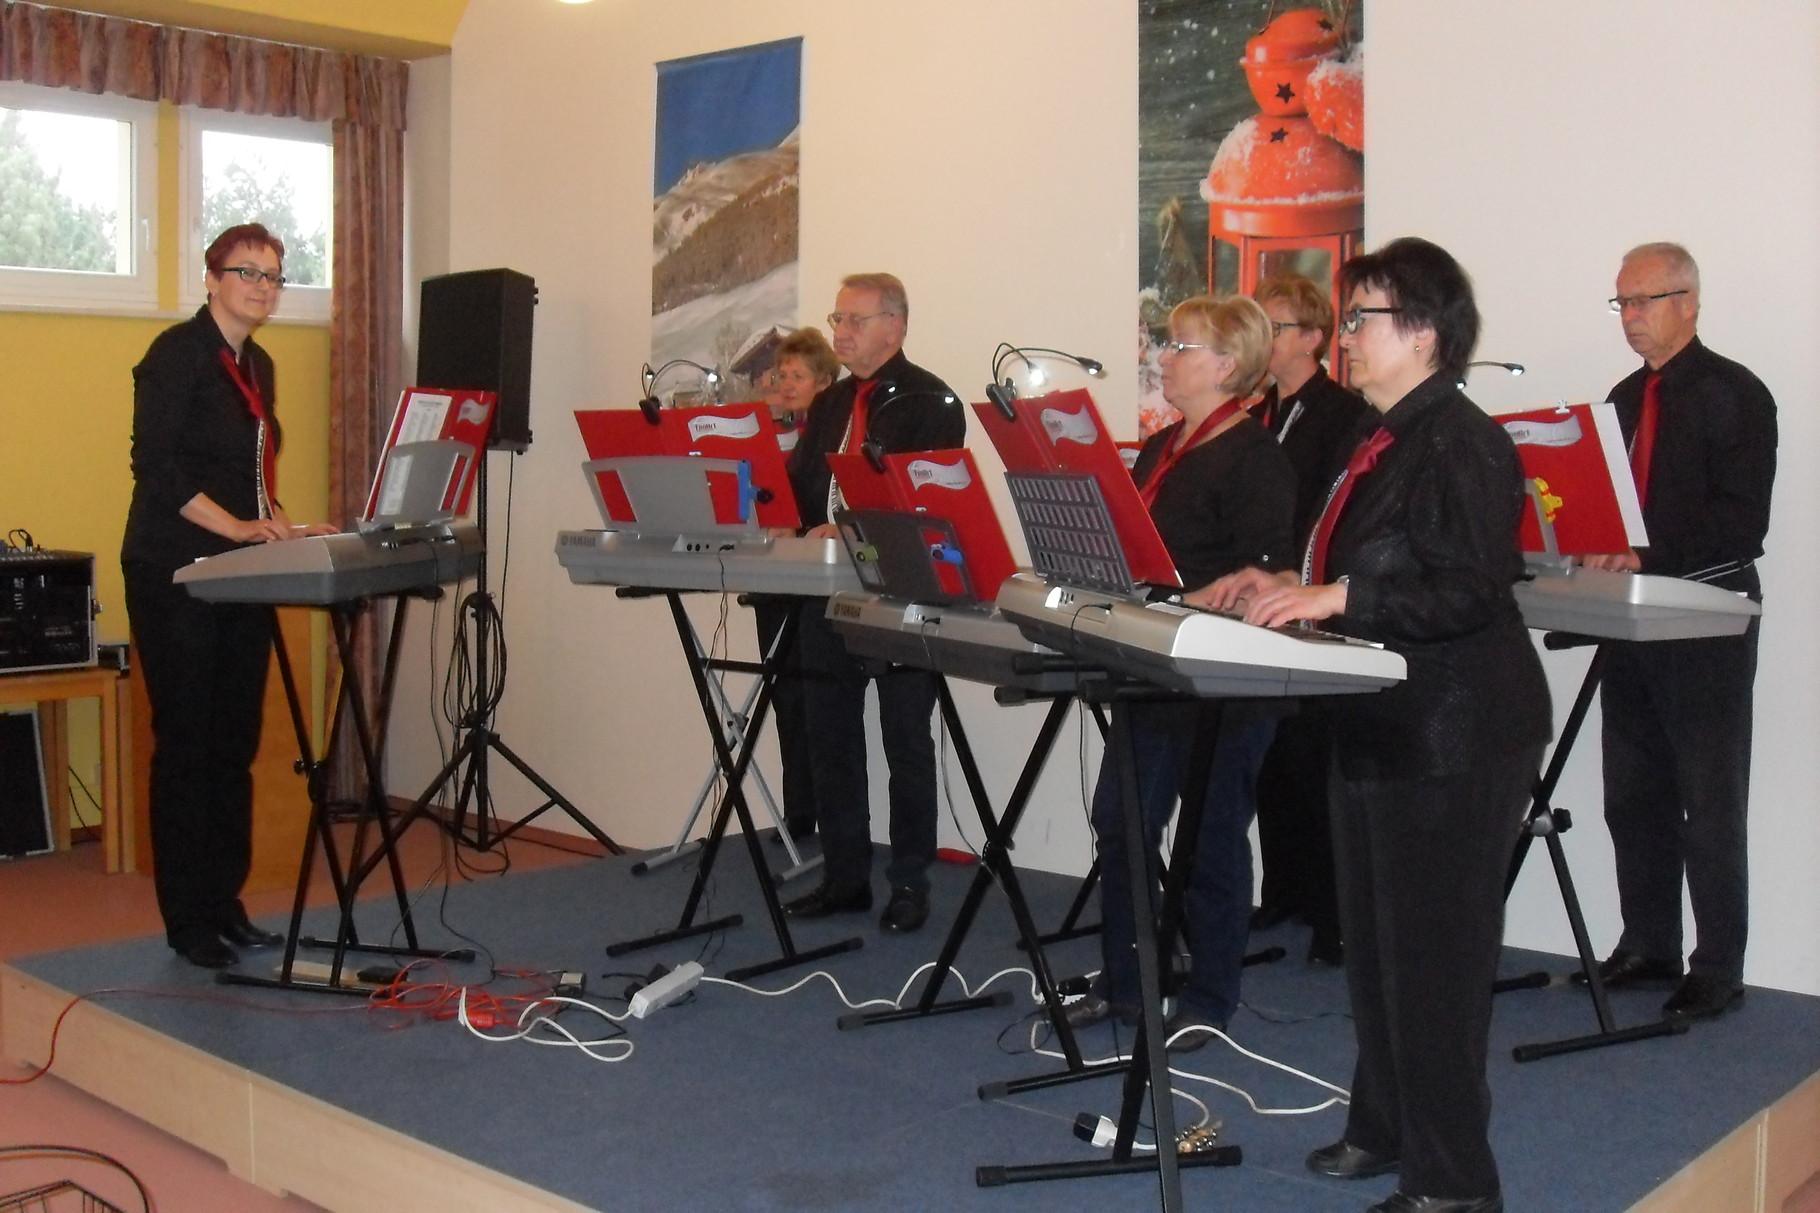 Neujahrskonzert 2016 in einem Coswiger Seniorenheim